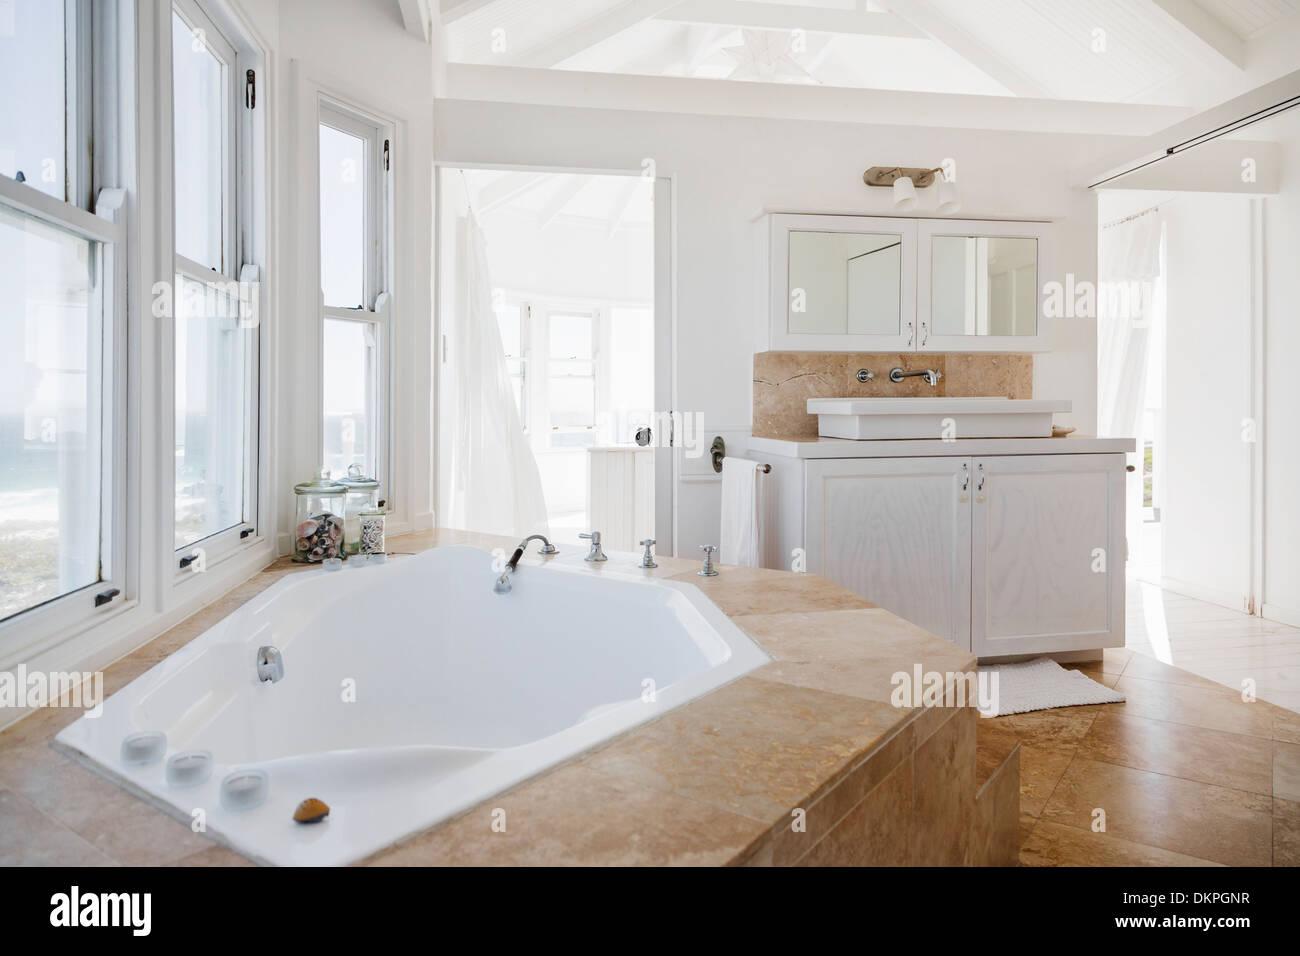 Bagni Di Lusso In Muratura : La vasca idromassaggio in bagno di lusso foto immagine stock